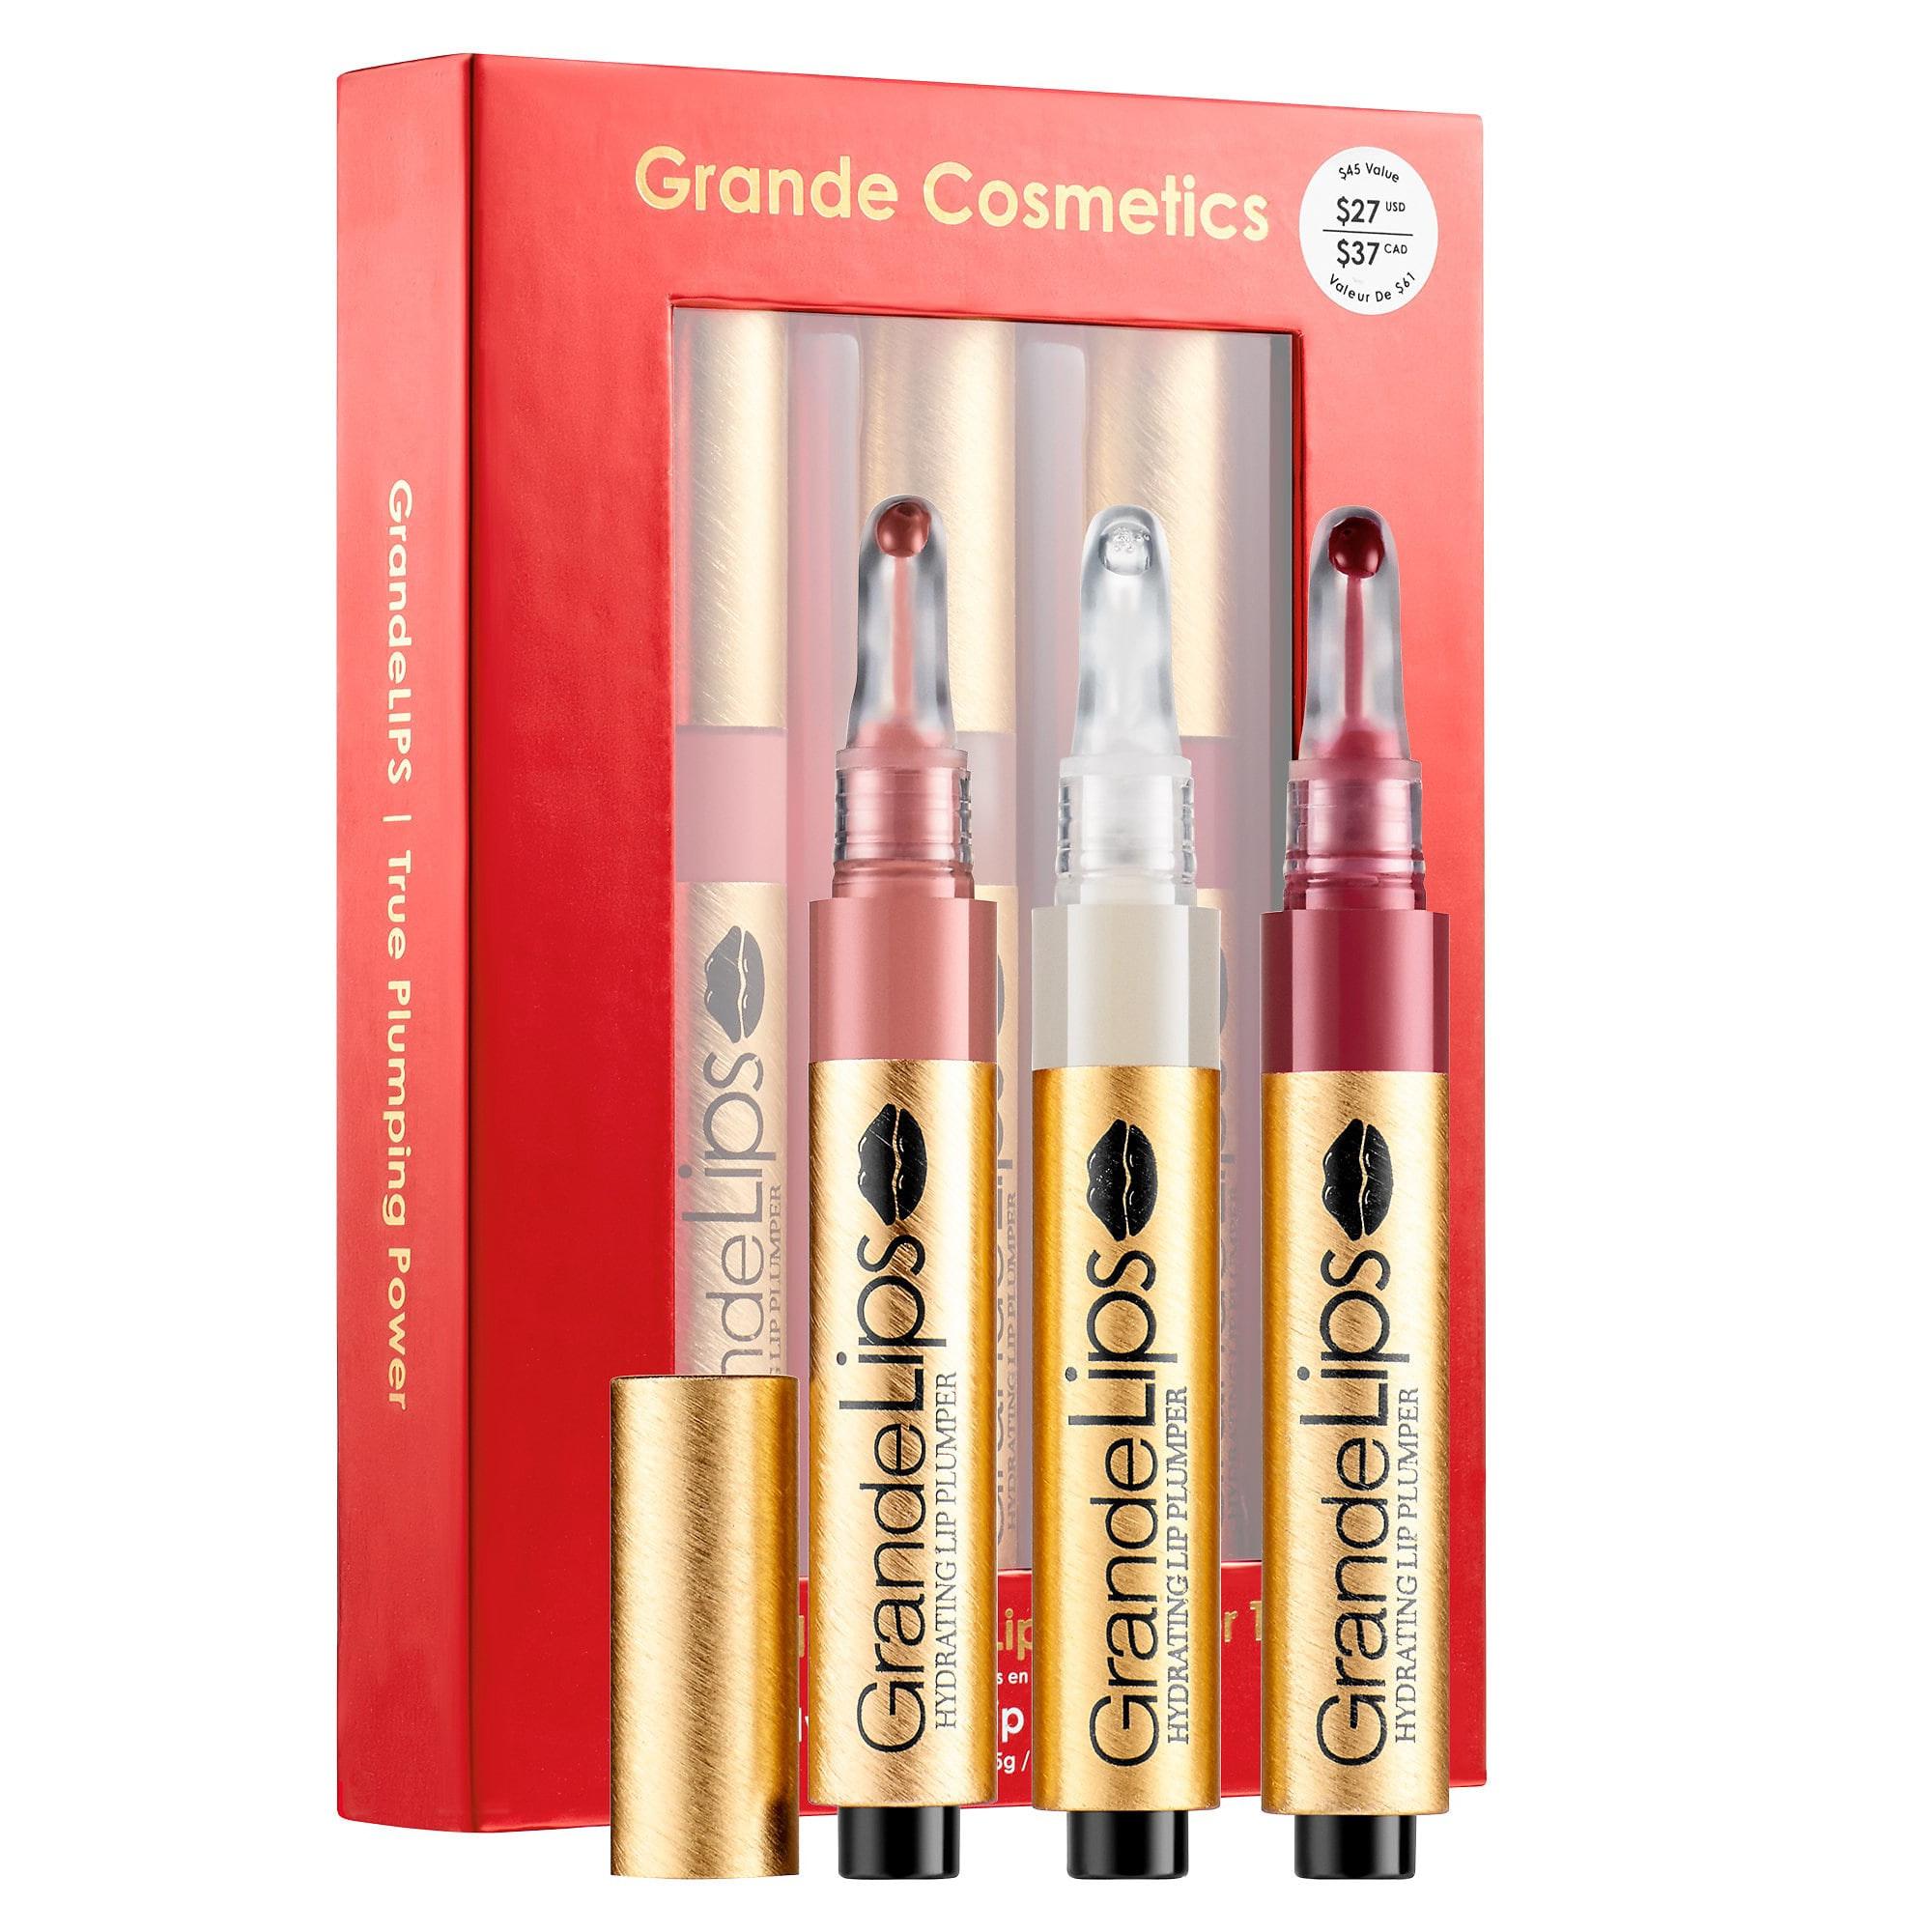 Grande Cosmetics GrandeLips® Limited Edition Lip Plumper Trio